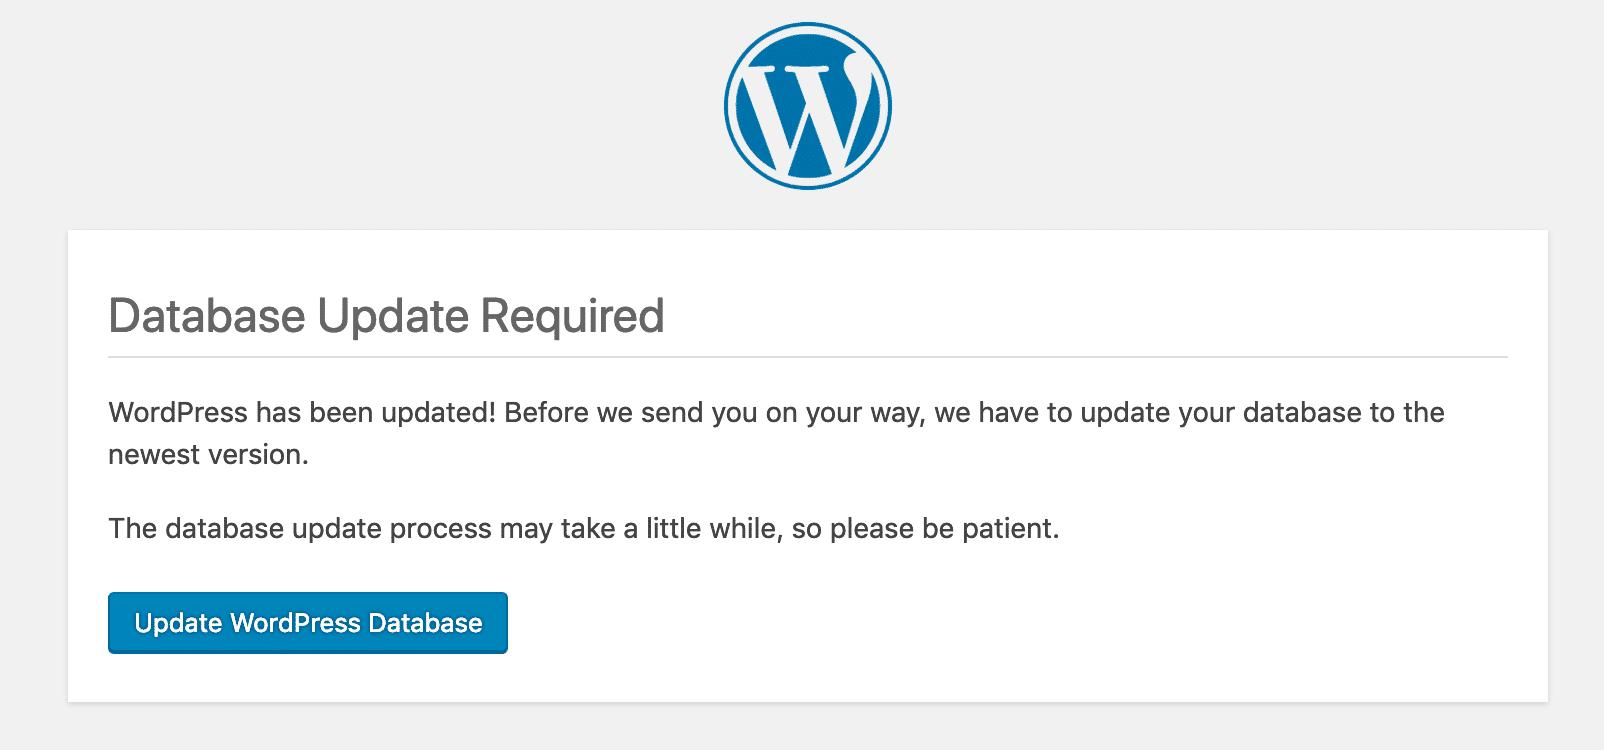 Databaseopdatering kræves